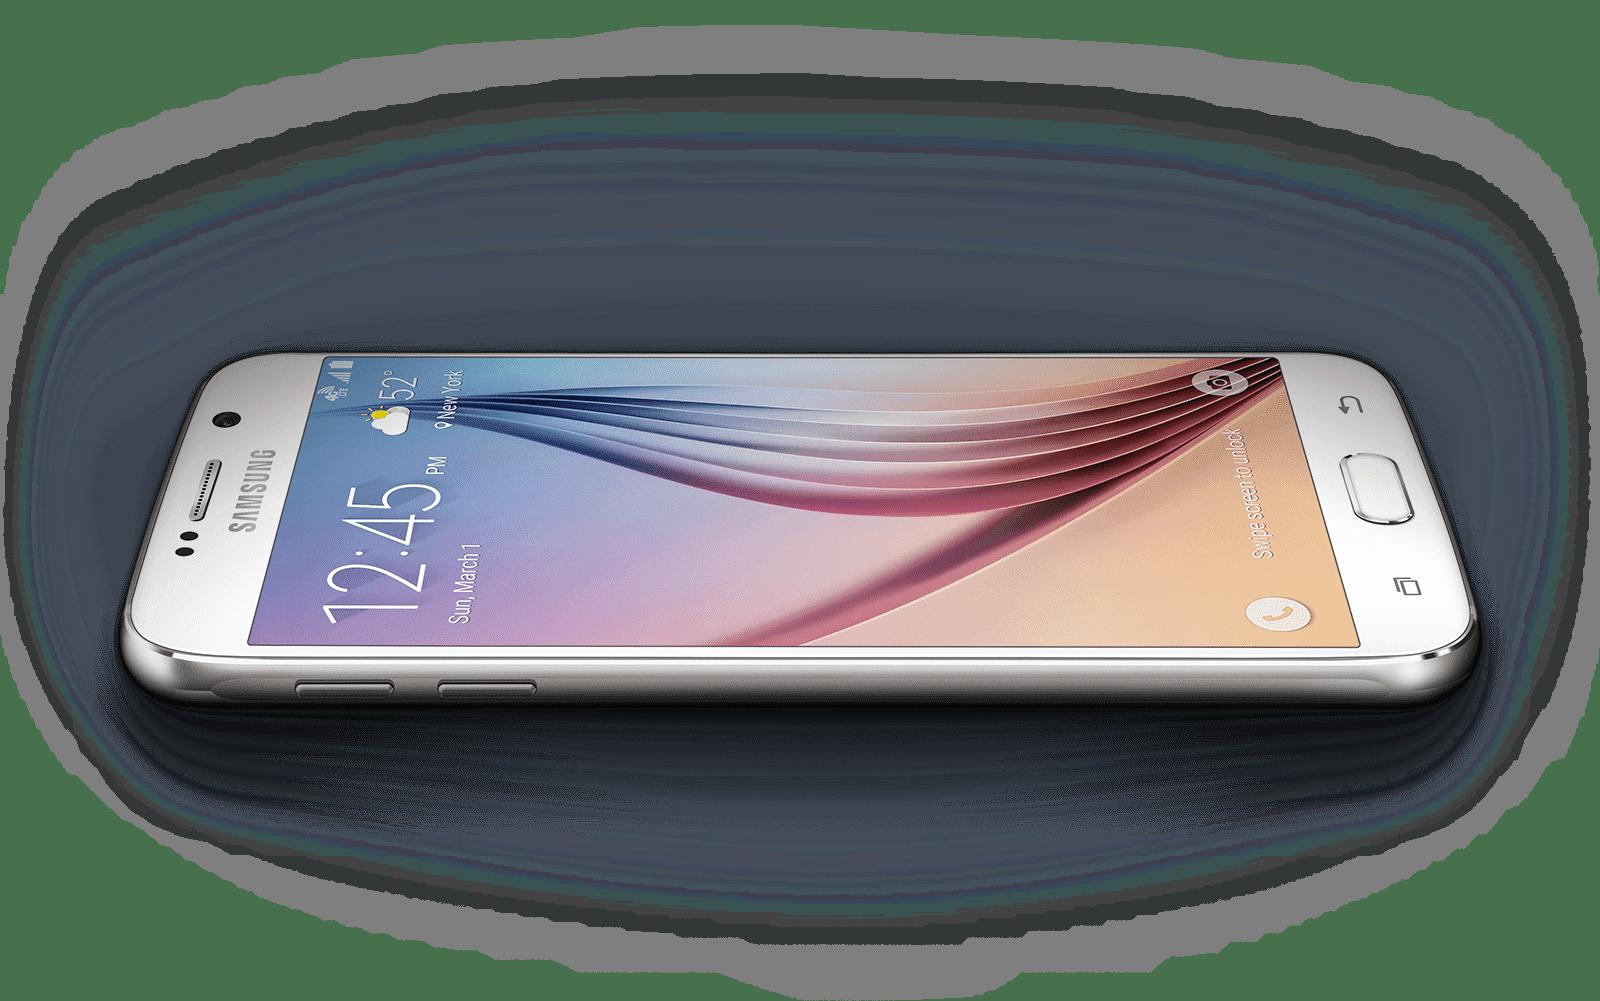 Harga Samsung Galaxy S6 Di Indonesia Dan Spesifikasi